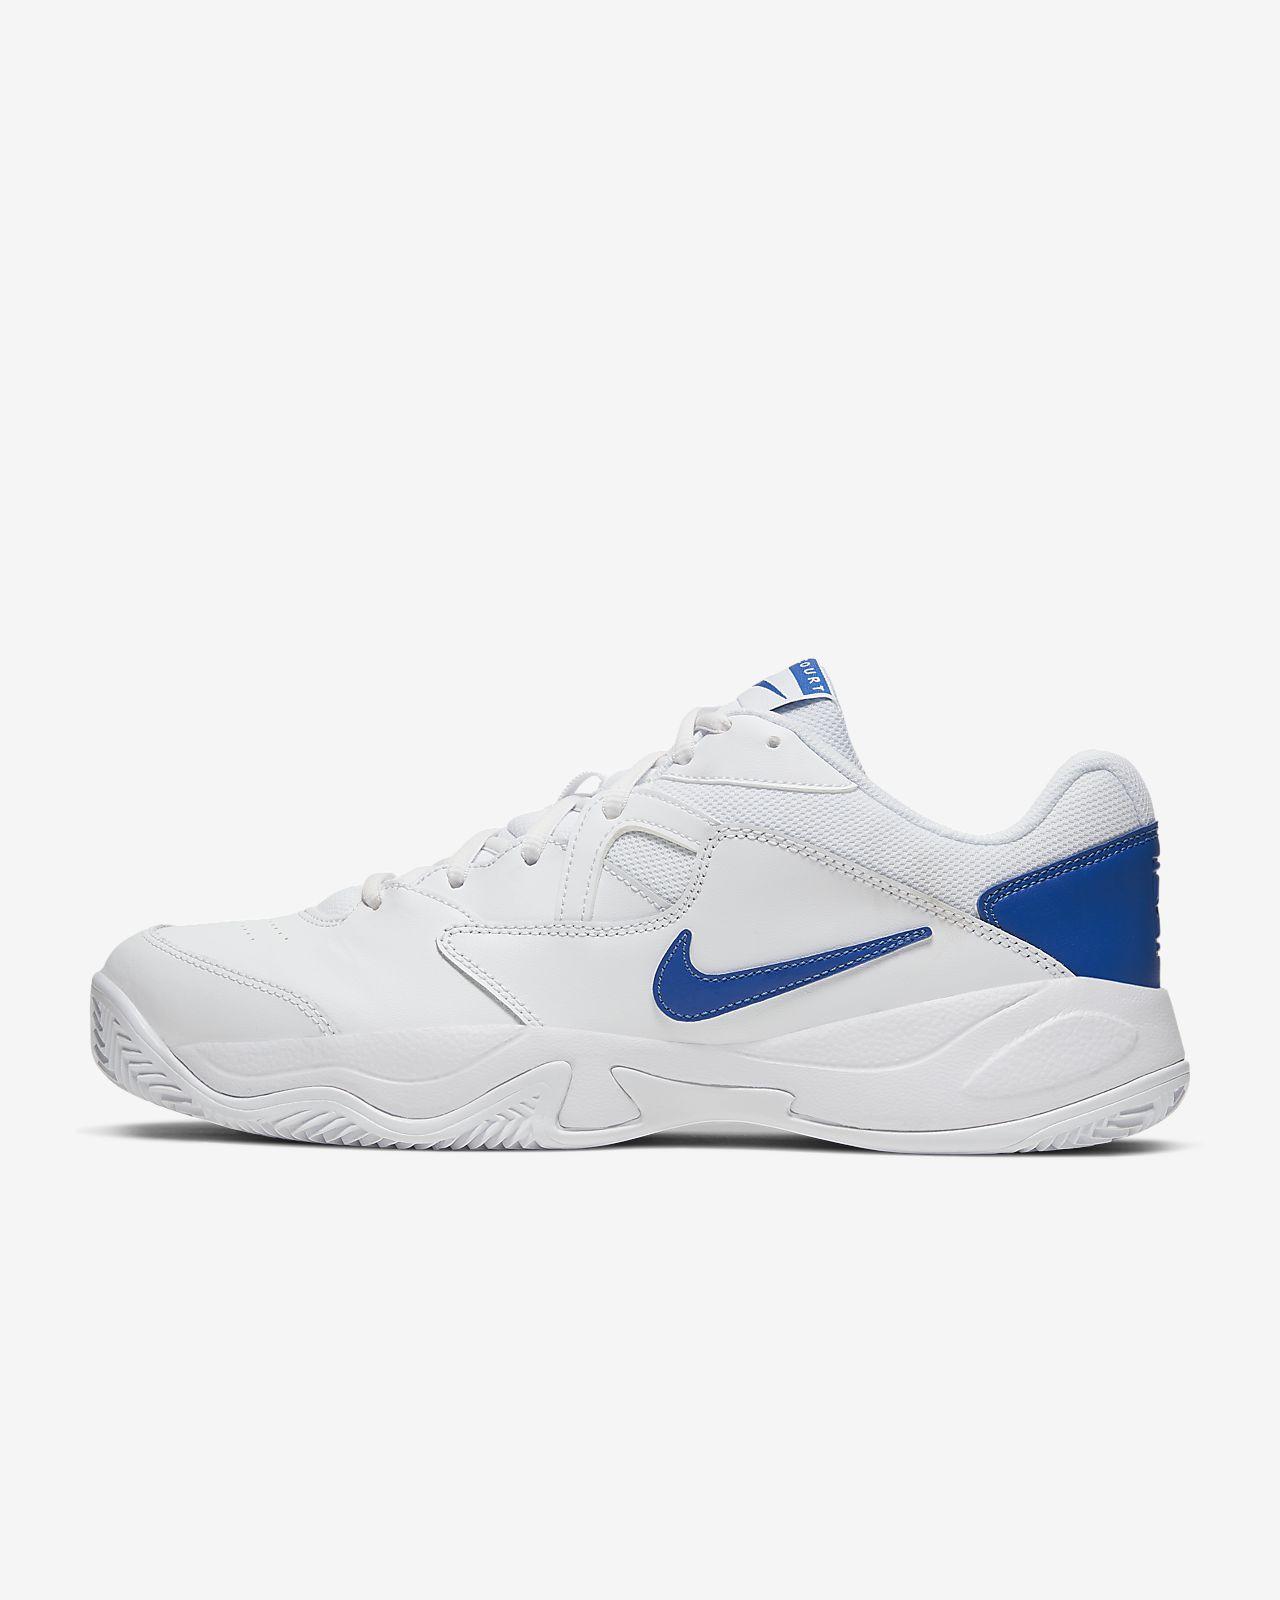 NikeCourt Lite 2 Herren-Tennisschuh für Sandplätze